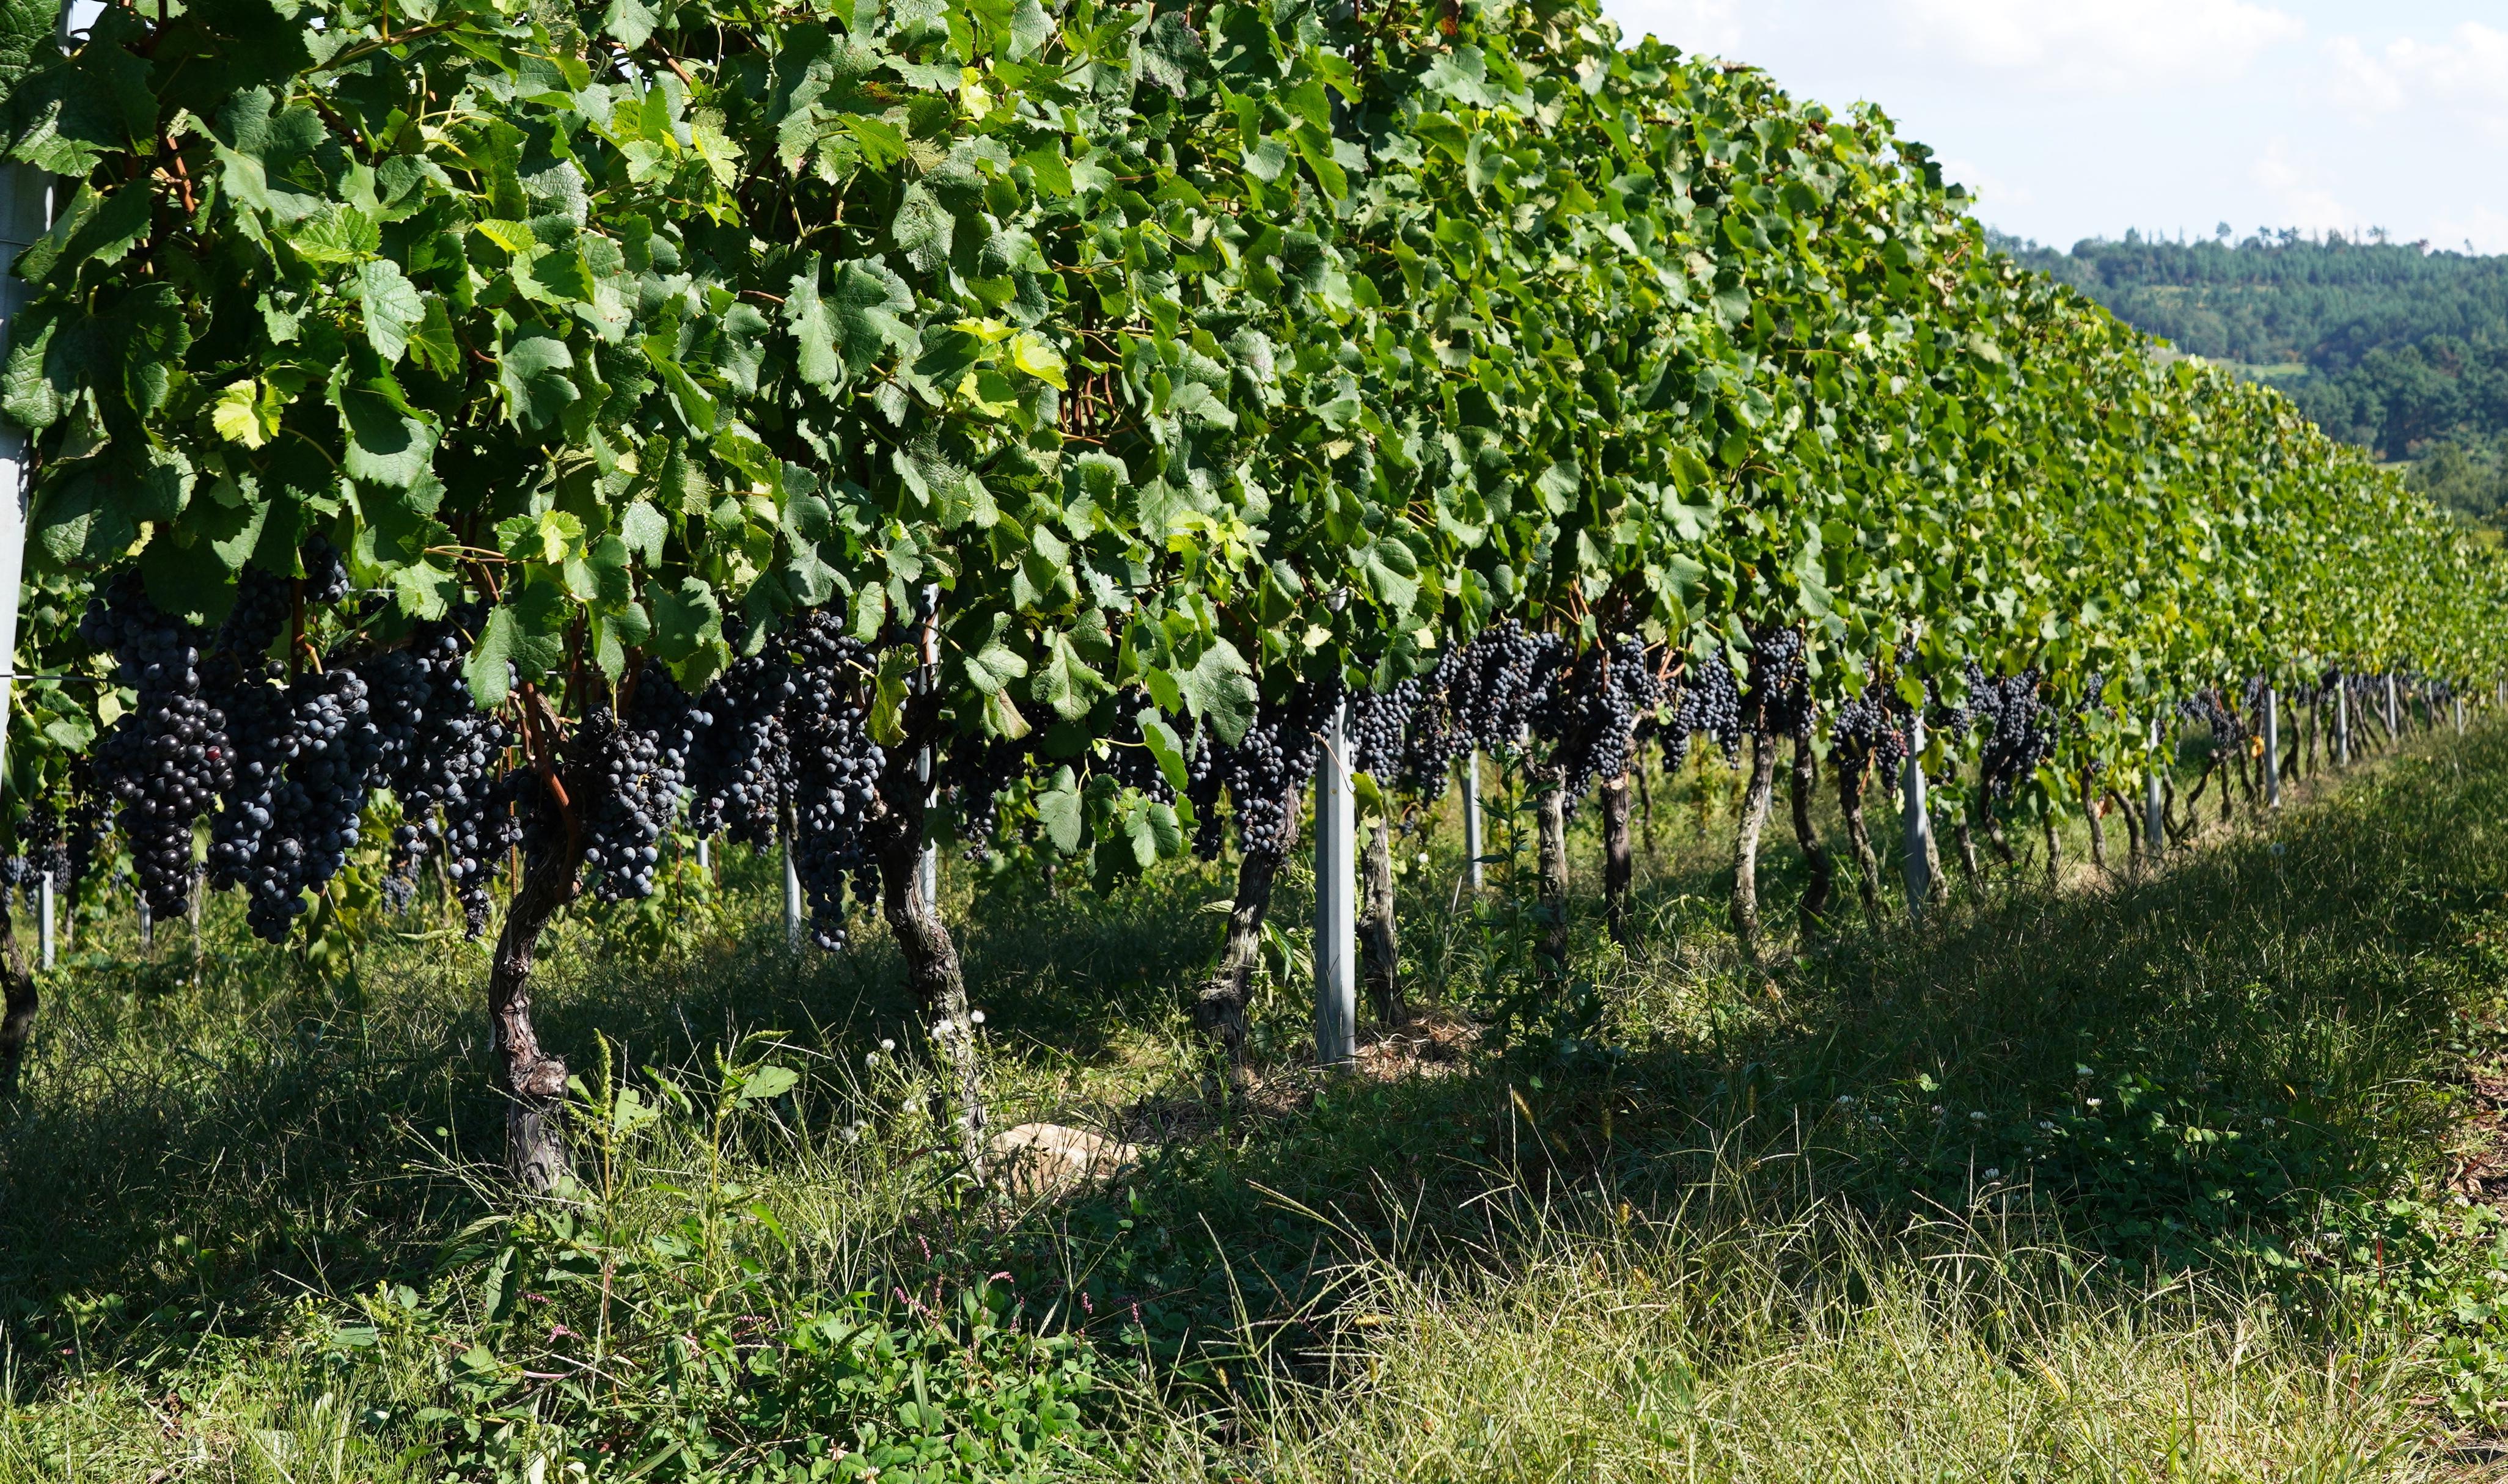 垣根式のブドウ畑は、適度に下草を生やすことで、貴重な草原環境になっている